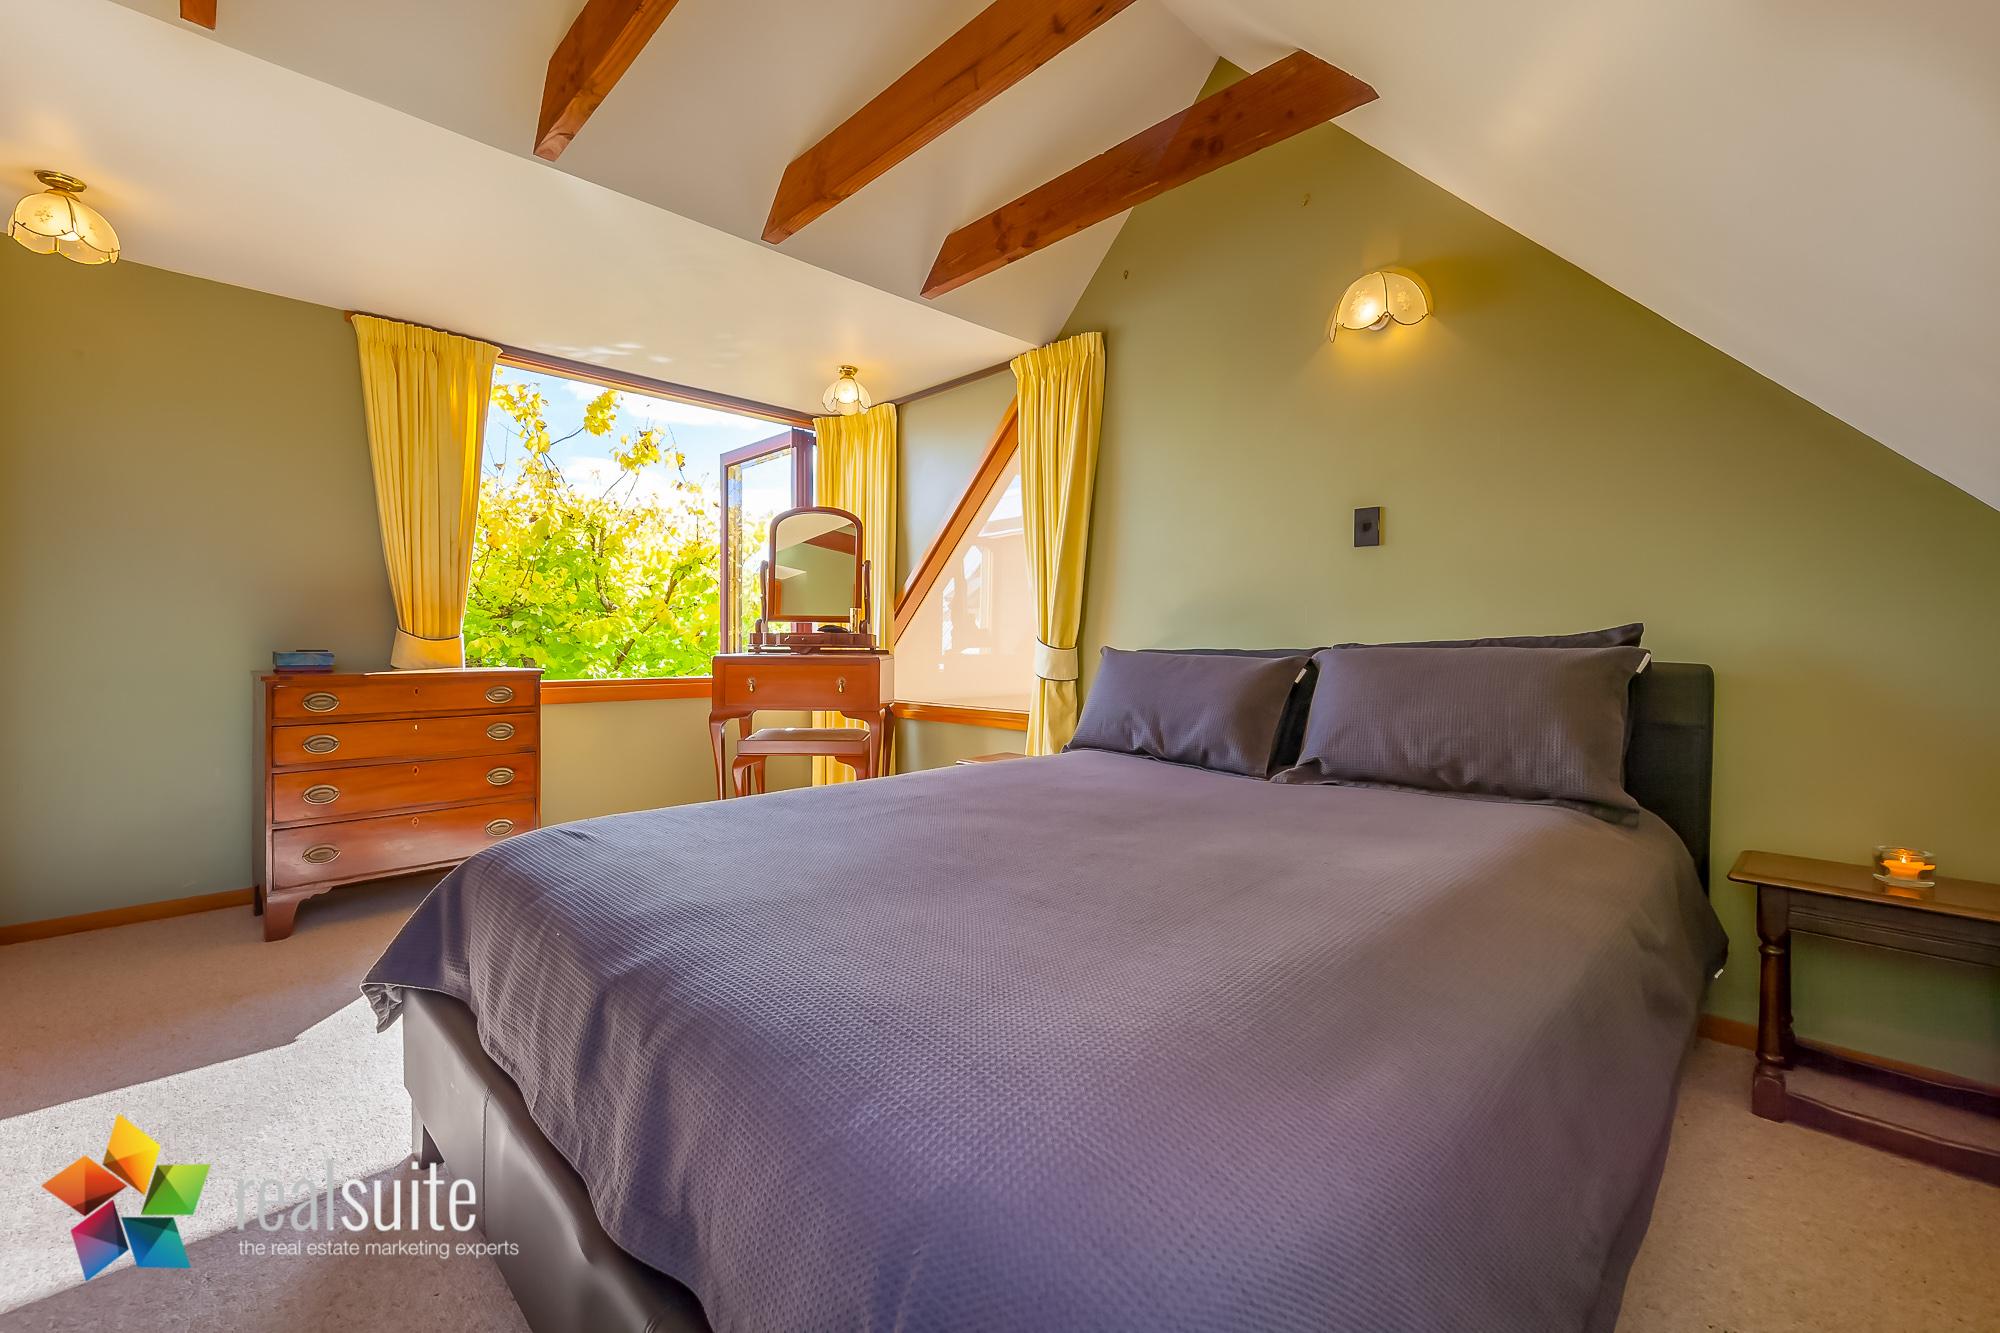 Realsuite Bedrooms (53)